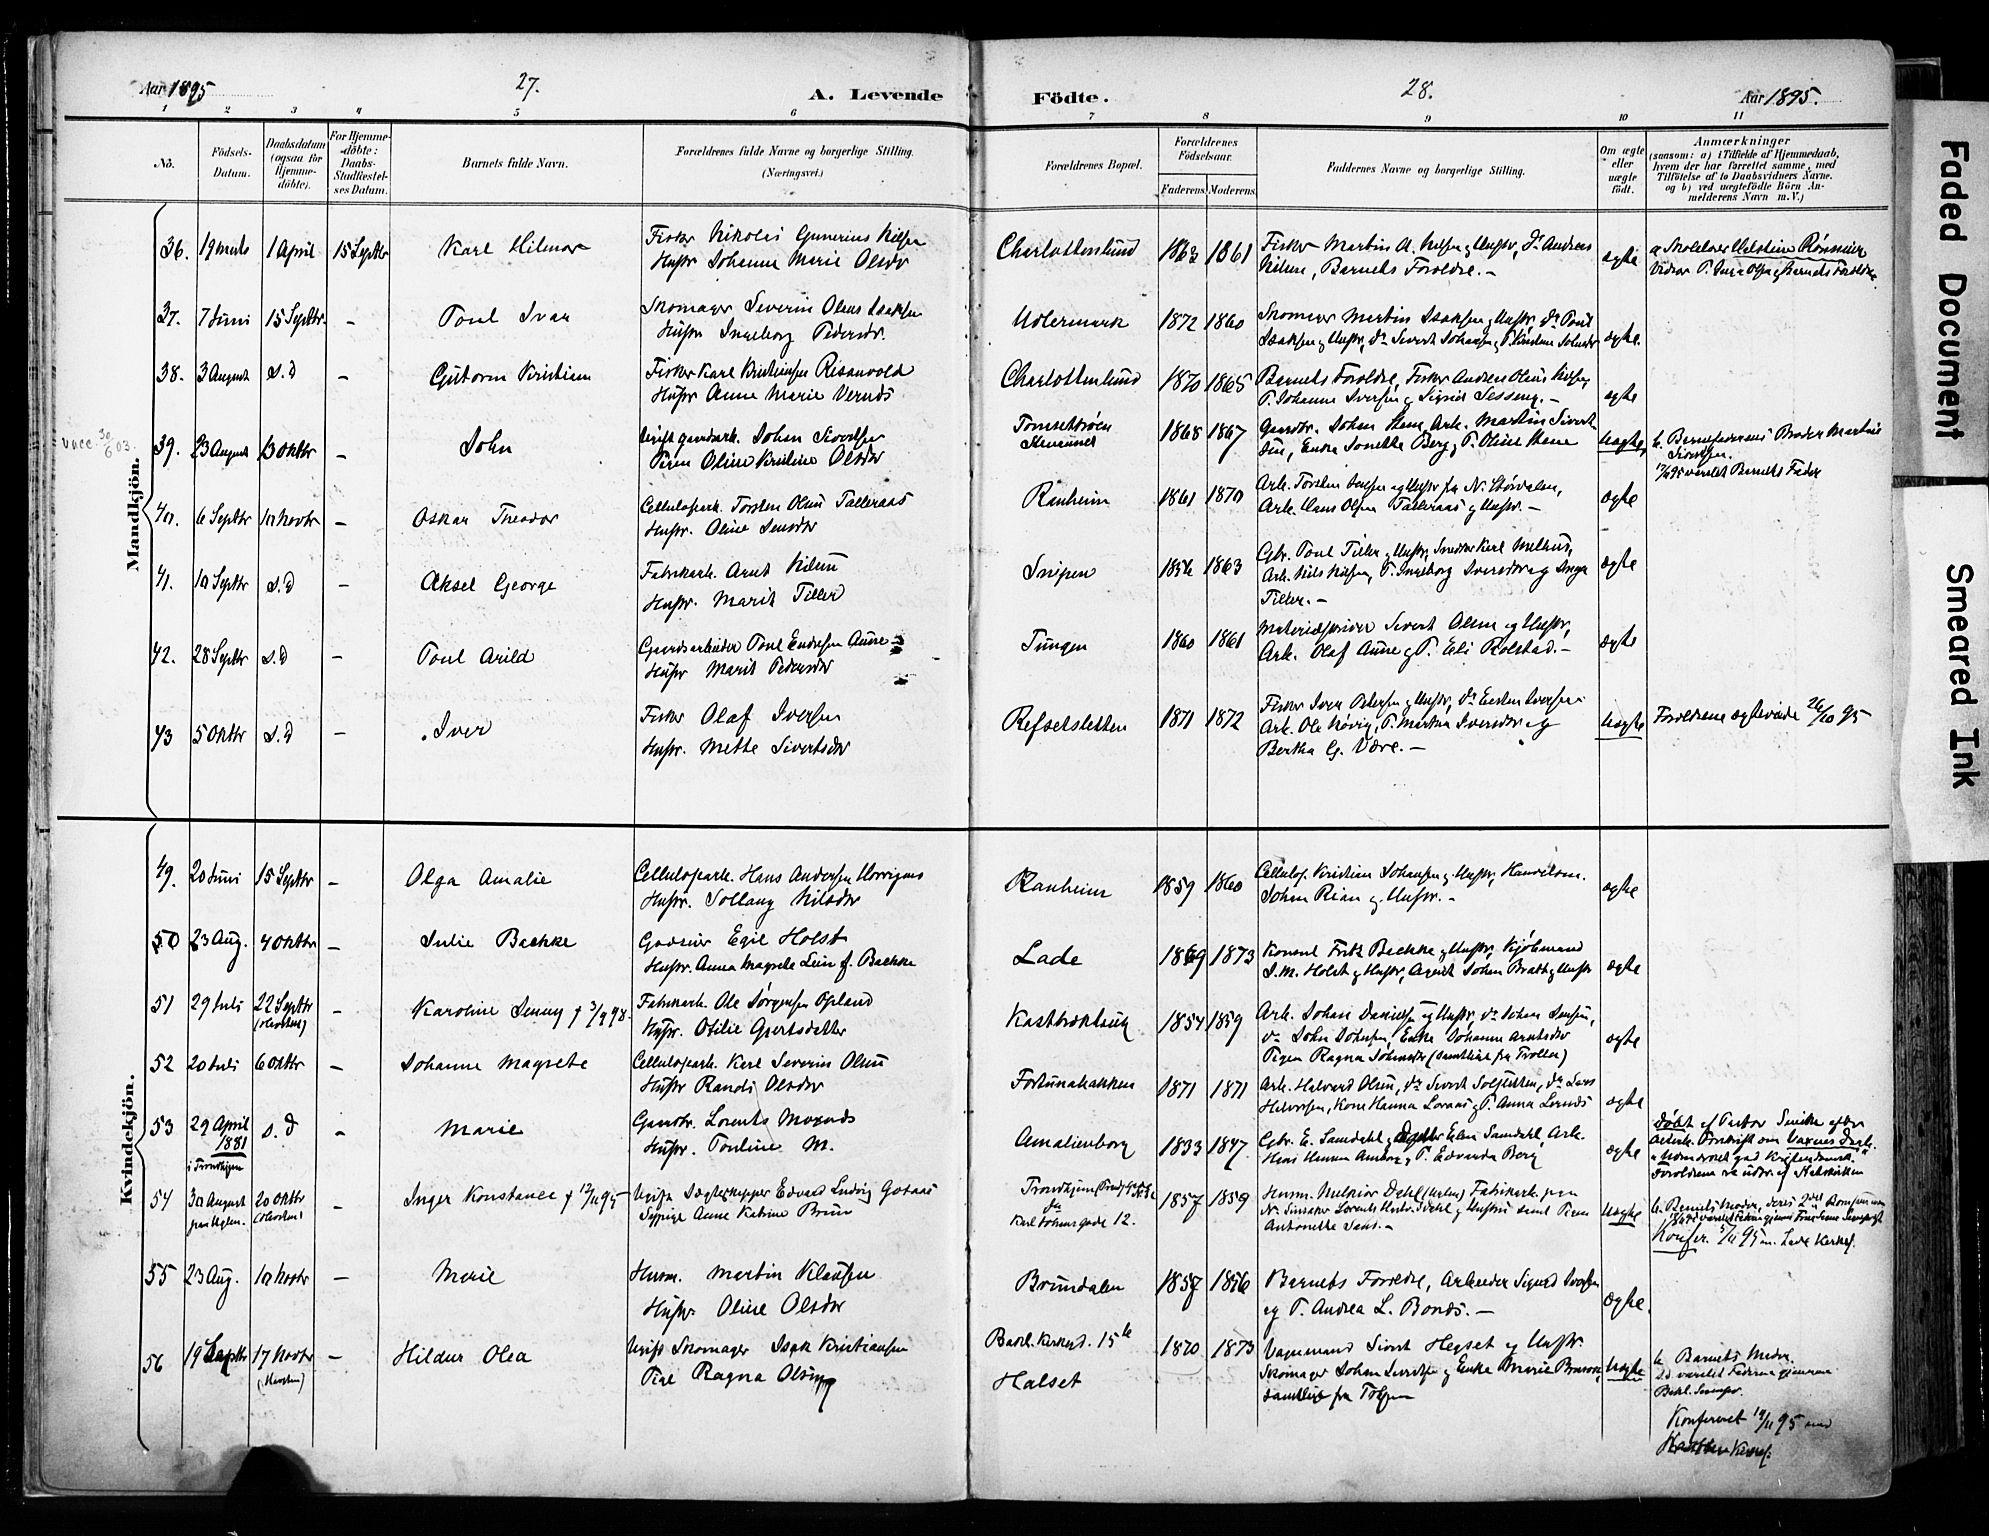 SAT, Ministerialprotokoller, klokkerbøker og fødselsregistre - Sør-Trøndelag, 606/L0301: Ministerialbok nr. 606A16, 1894-1907, s. 27-28